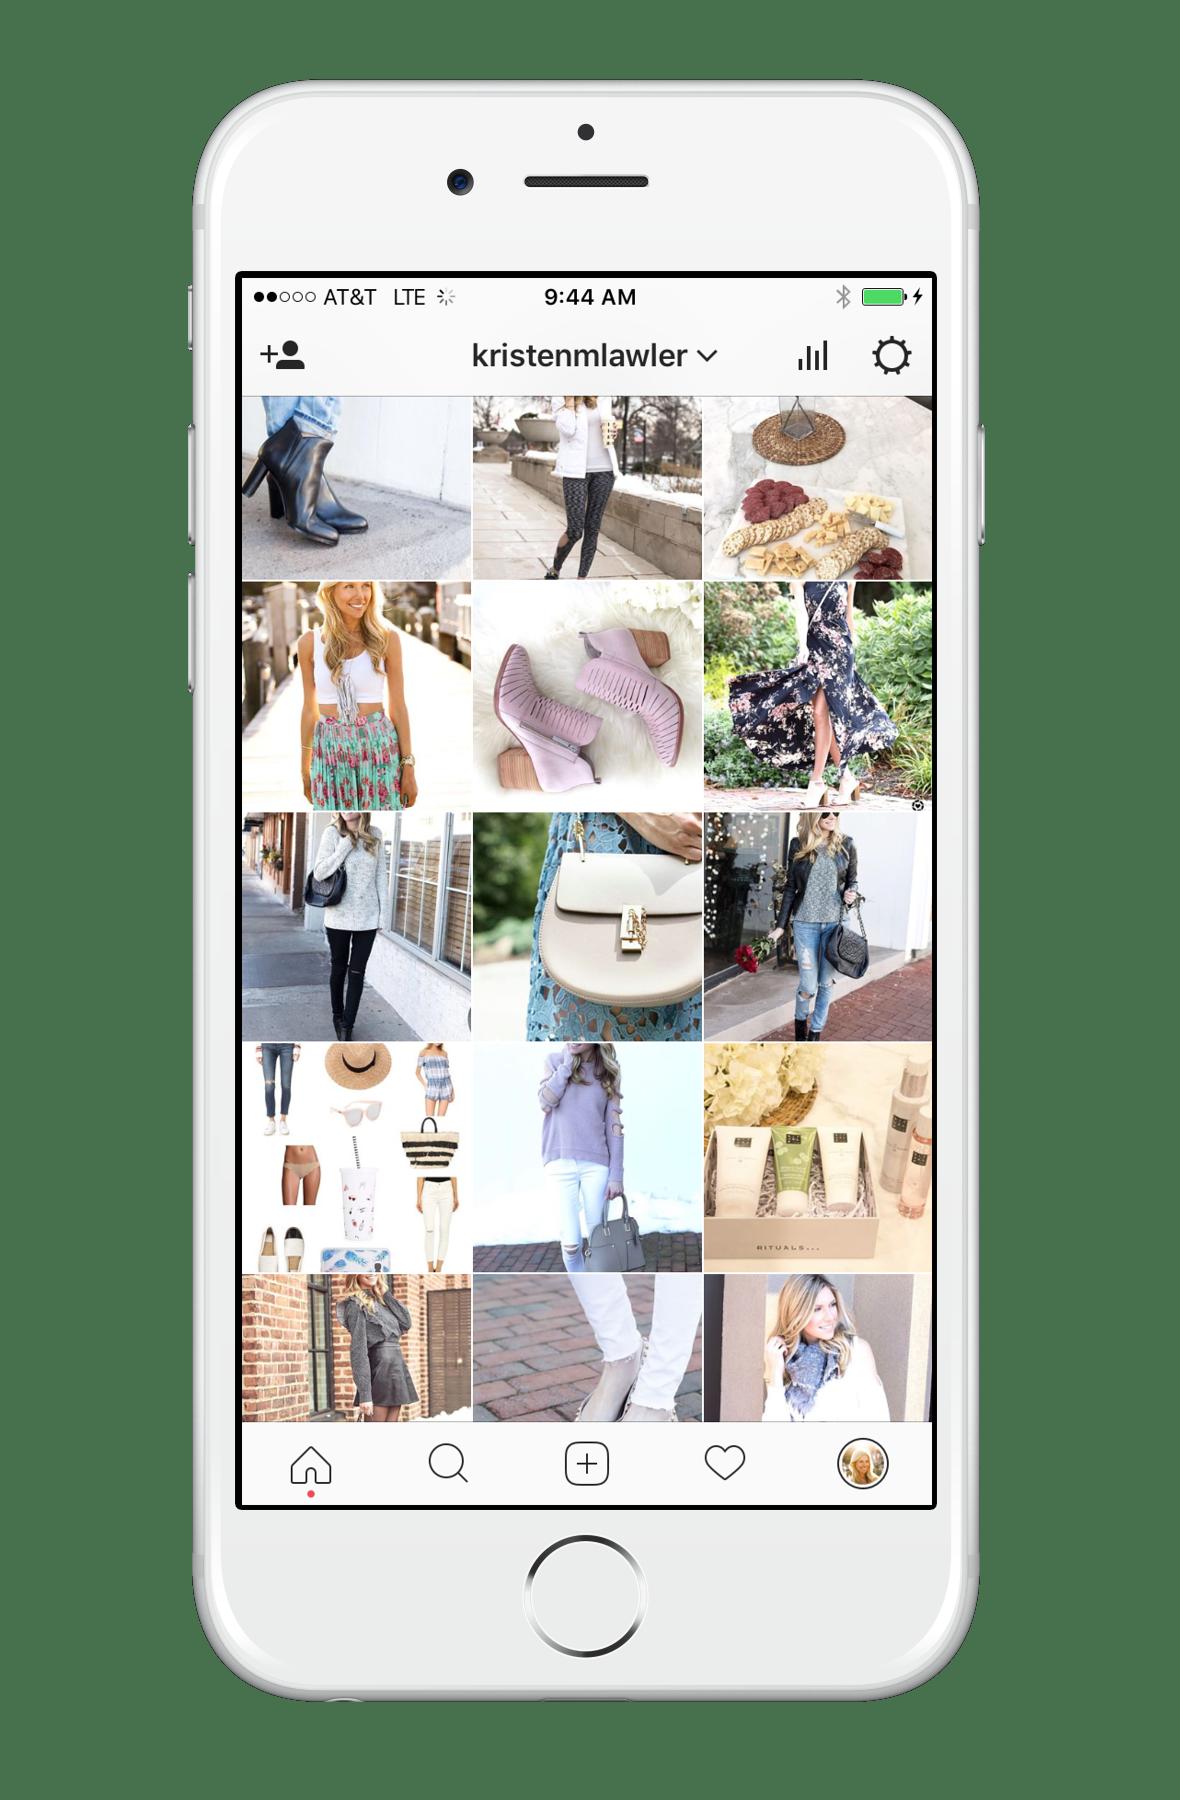 Rebranding your Instagram